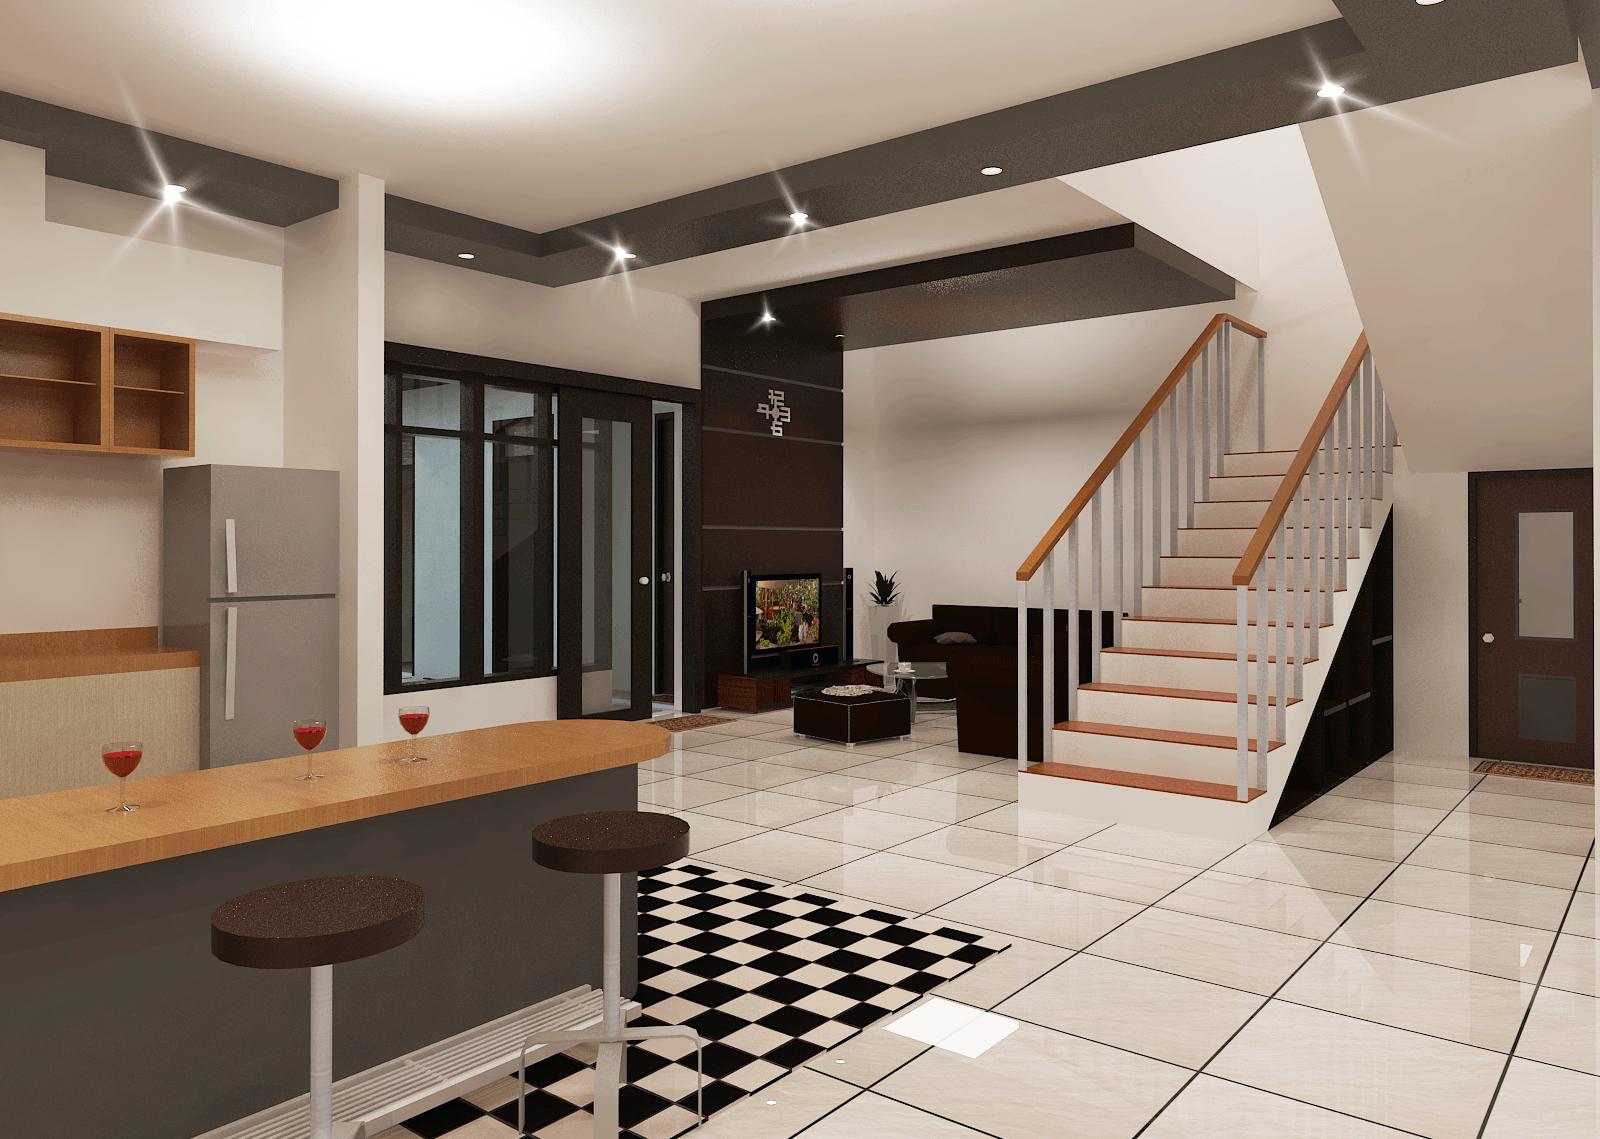 Archdesignbuild7 Rumah Tinggal 2 Lantai ( Minen )  Jl. Alfa Ii, Cigadung, Bandung Jl. Alfa Ii, Cigadung, Bandung Stairs Minimalis  20149